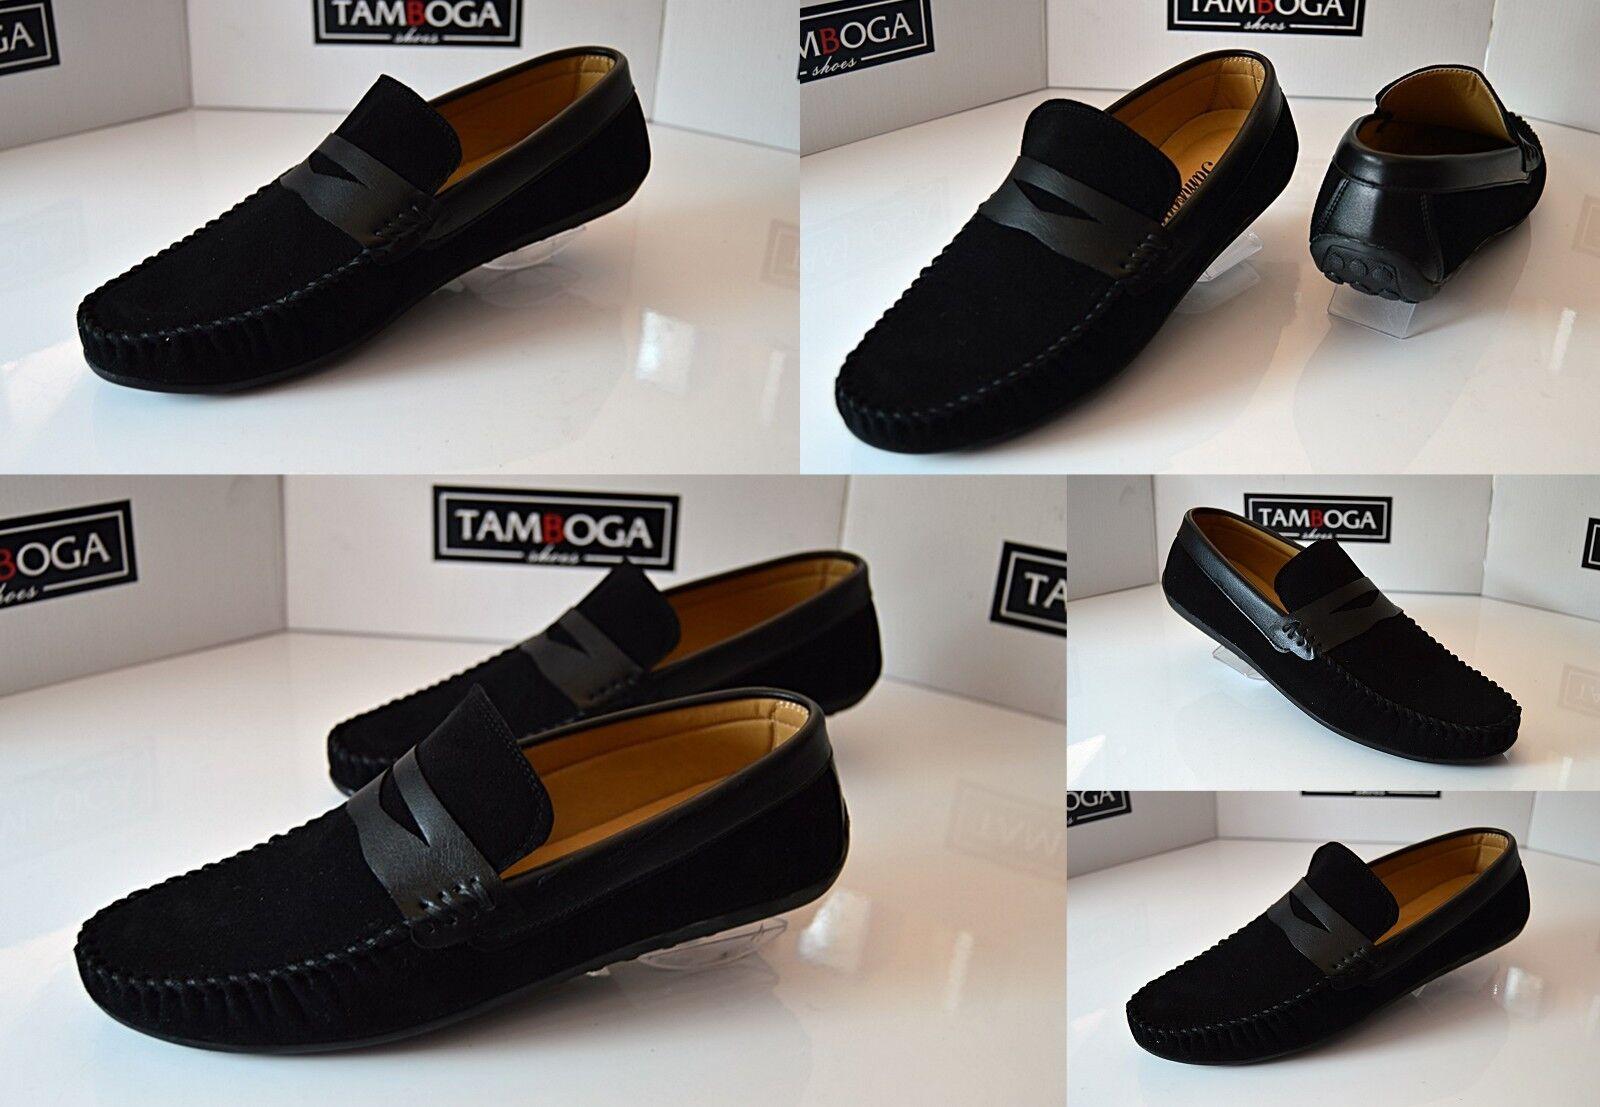 UOMO TEMPO LIBERO ITALIA PROGETTAZIONE YOUNG MODA SCARPE VIP Pantofola mocassini